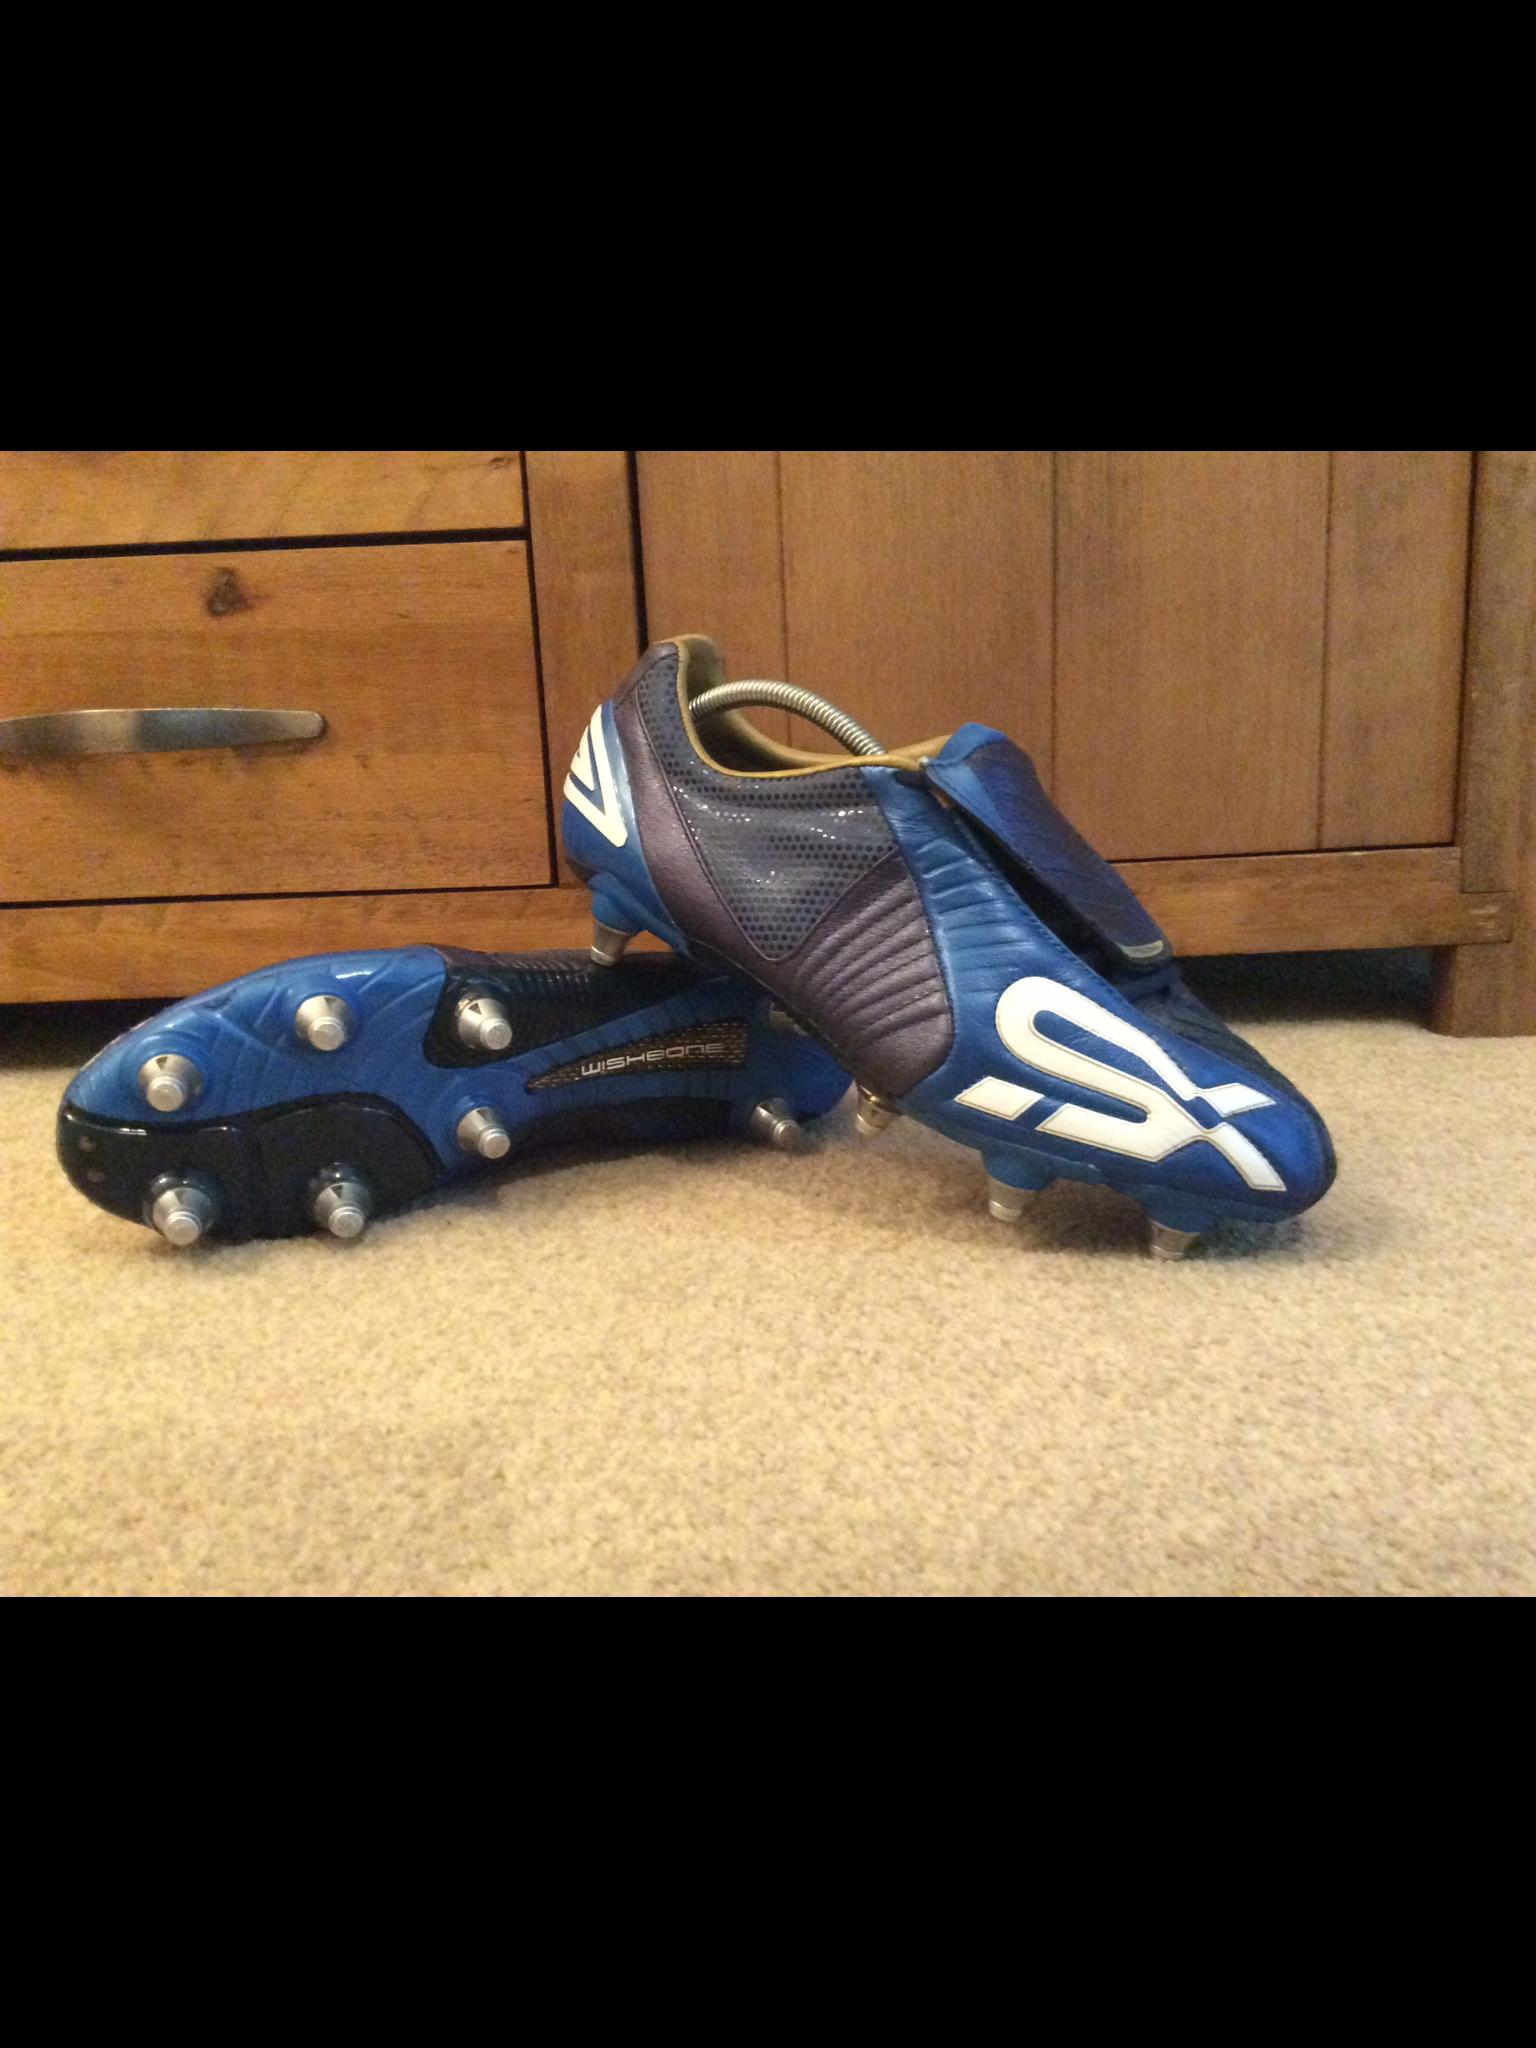 Pin de Fábio Grilo en FUTEBOL | Zapatos de fútbol, Botines